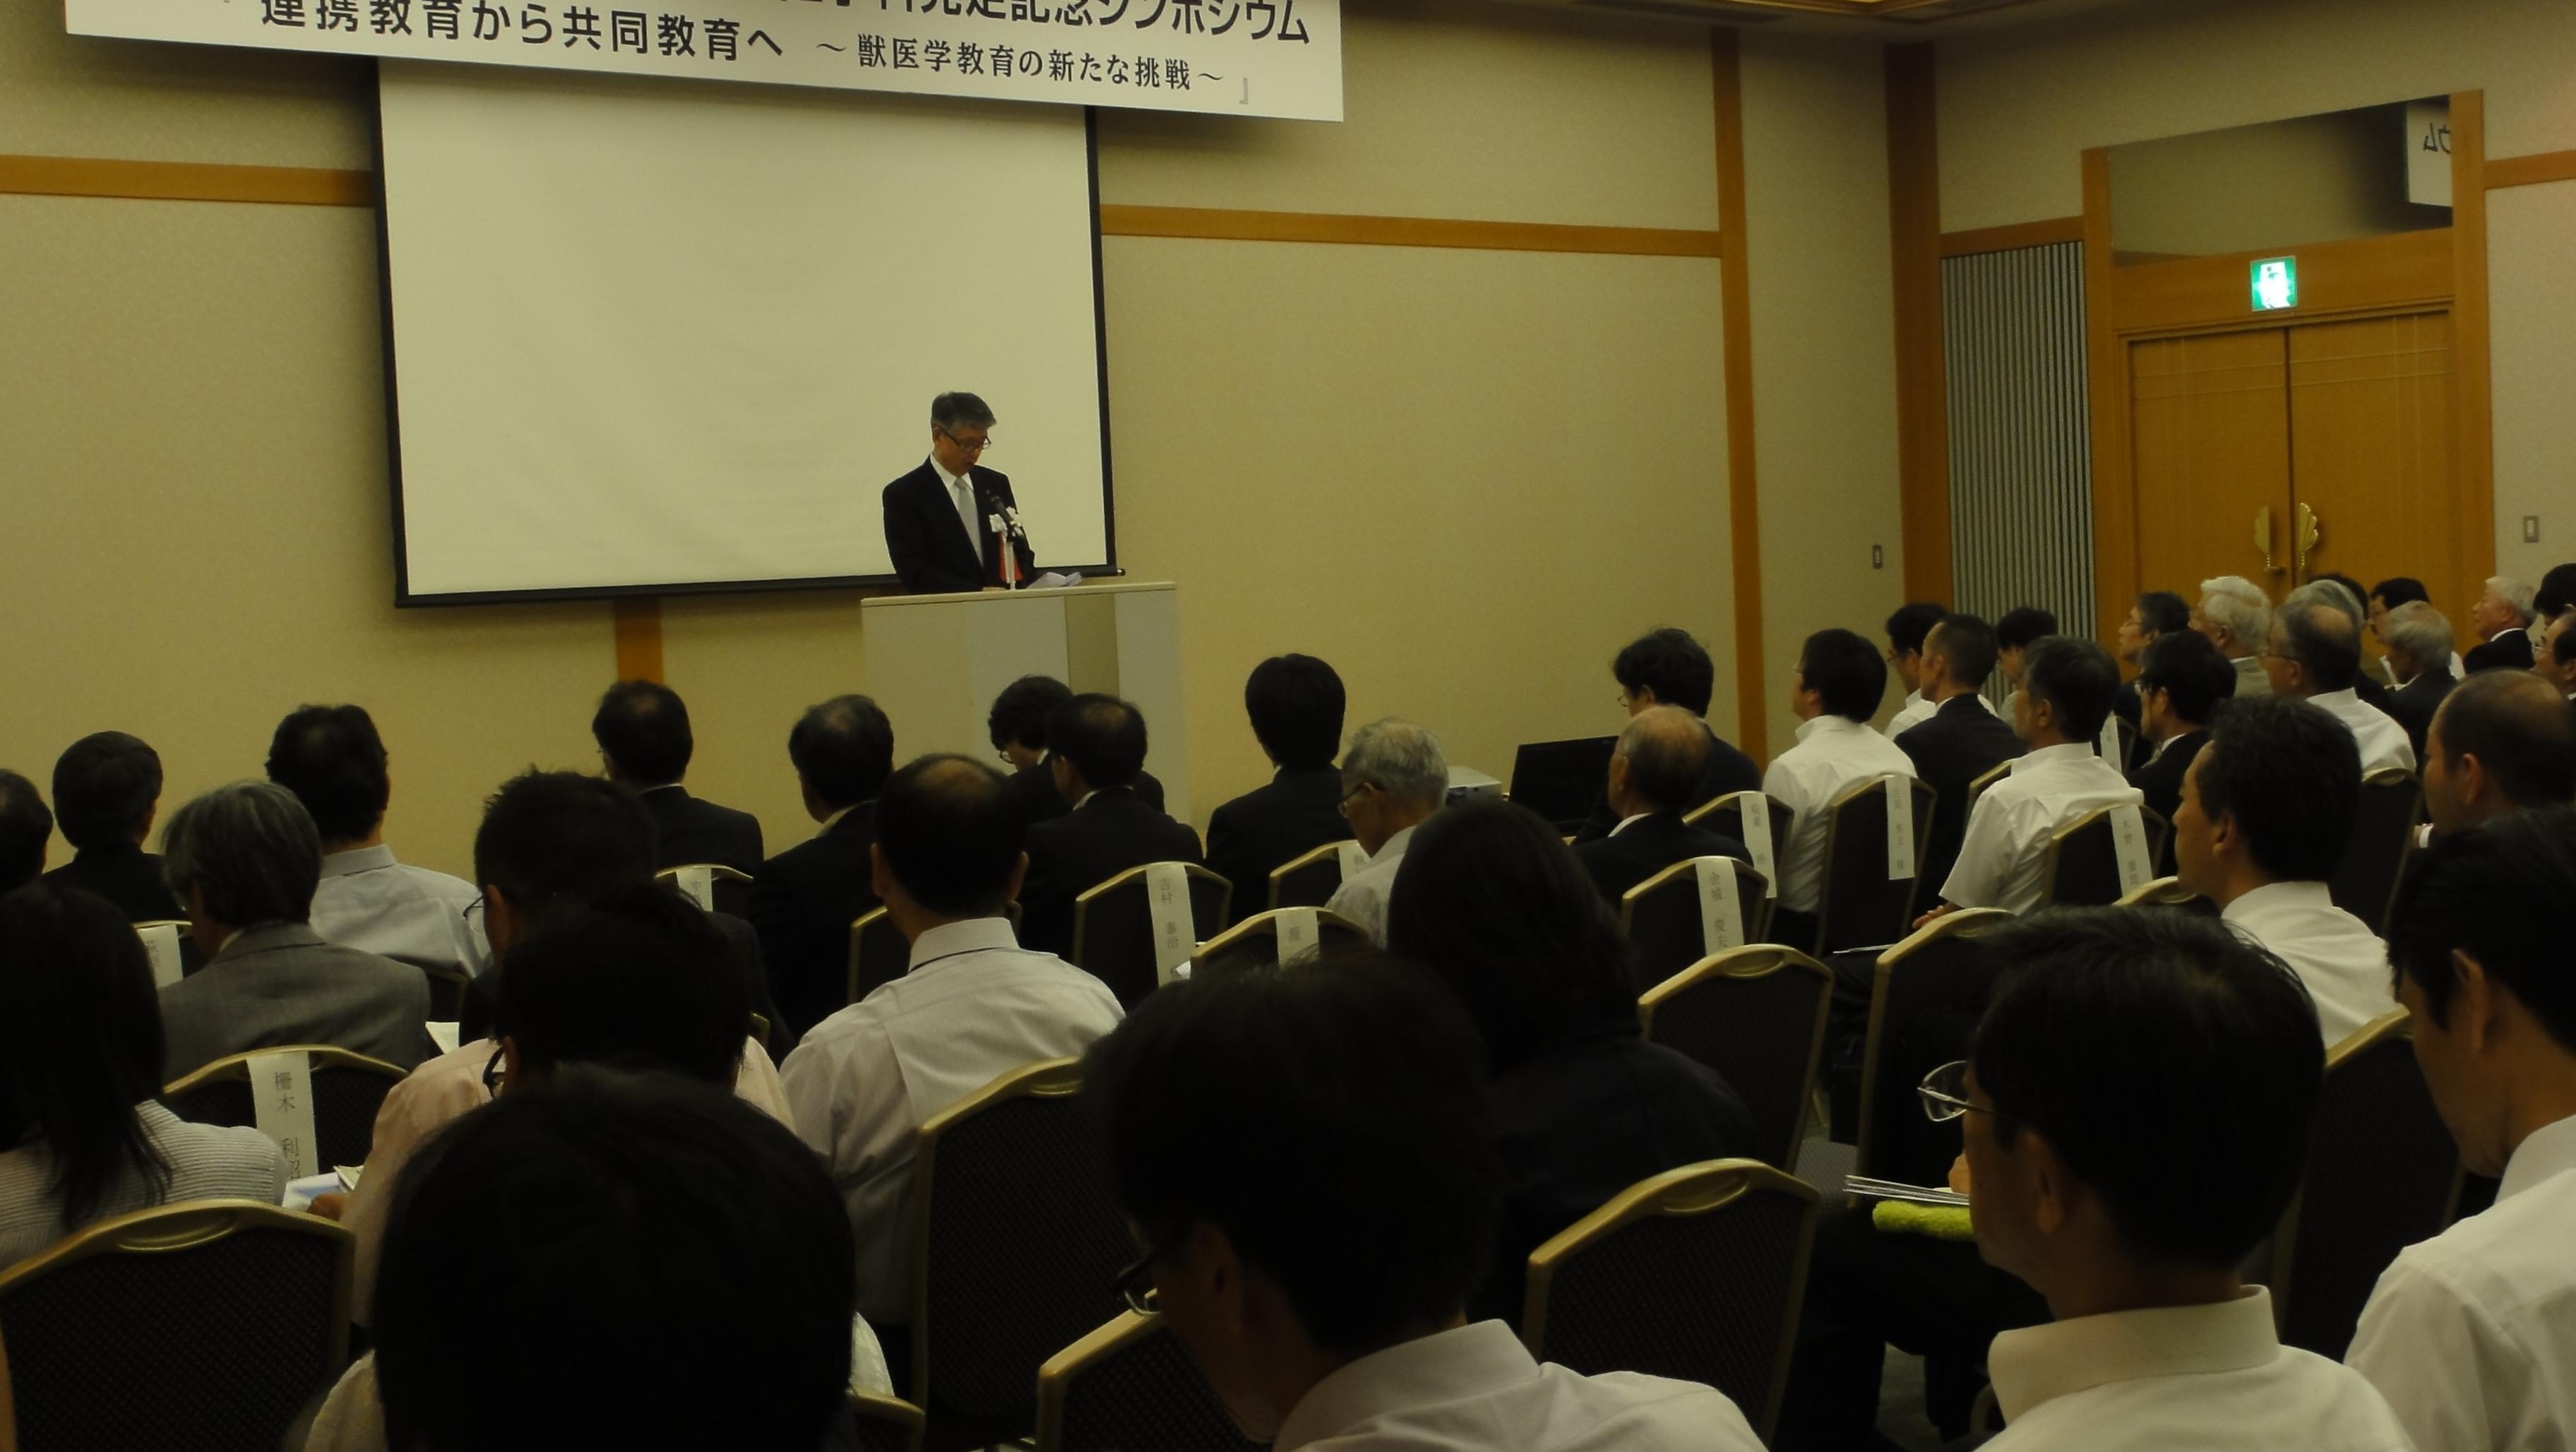 鳥取大学長